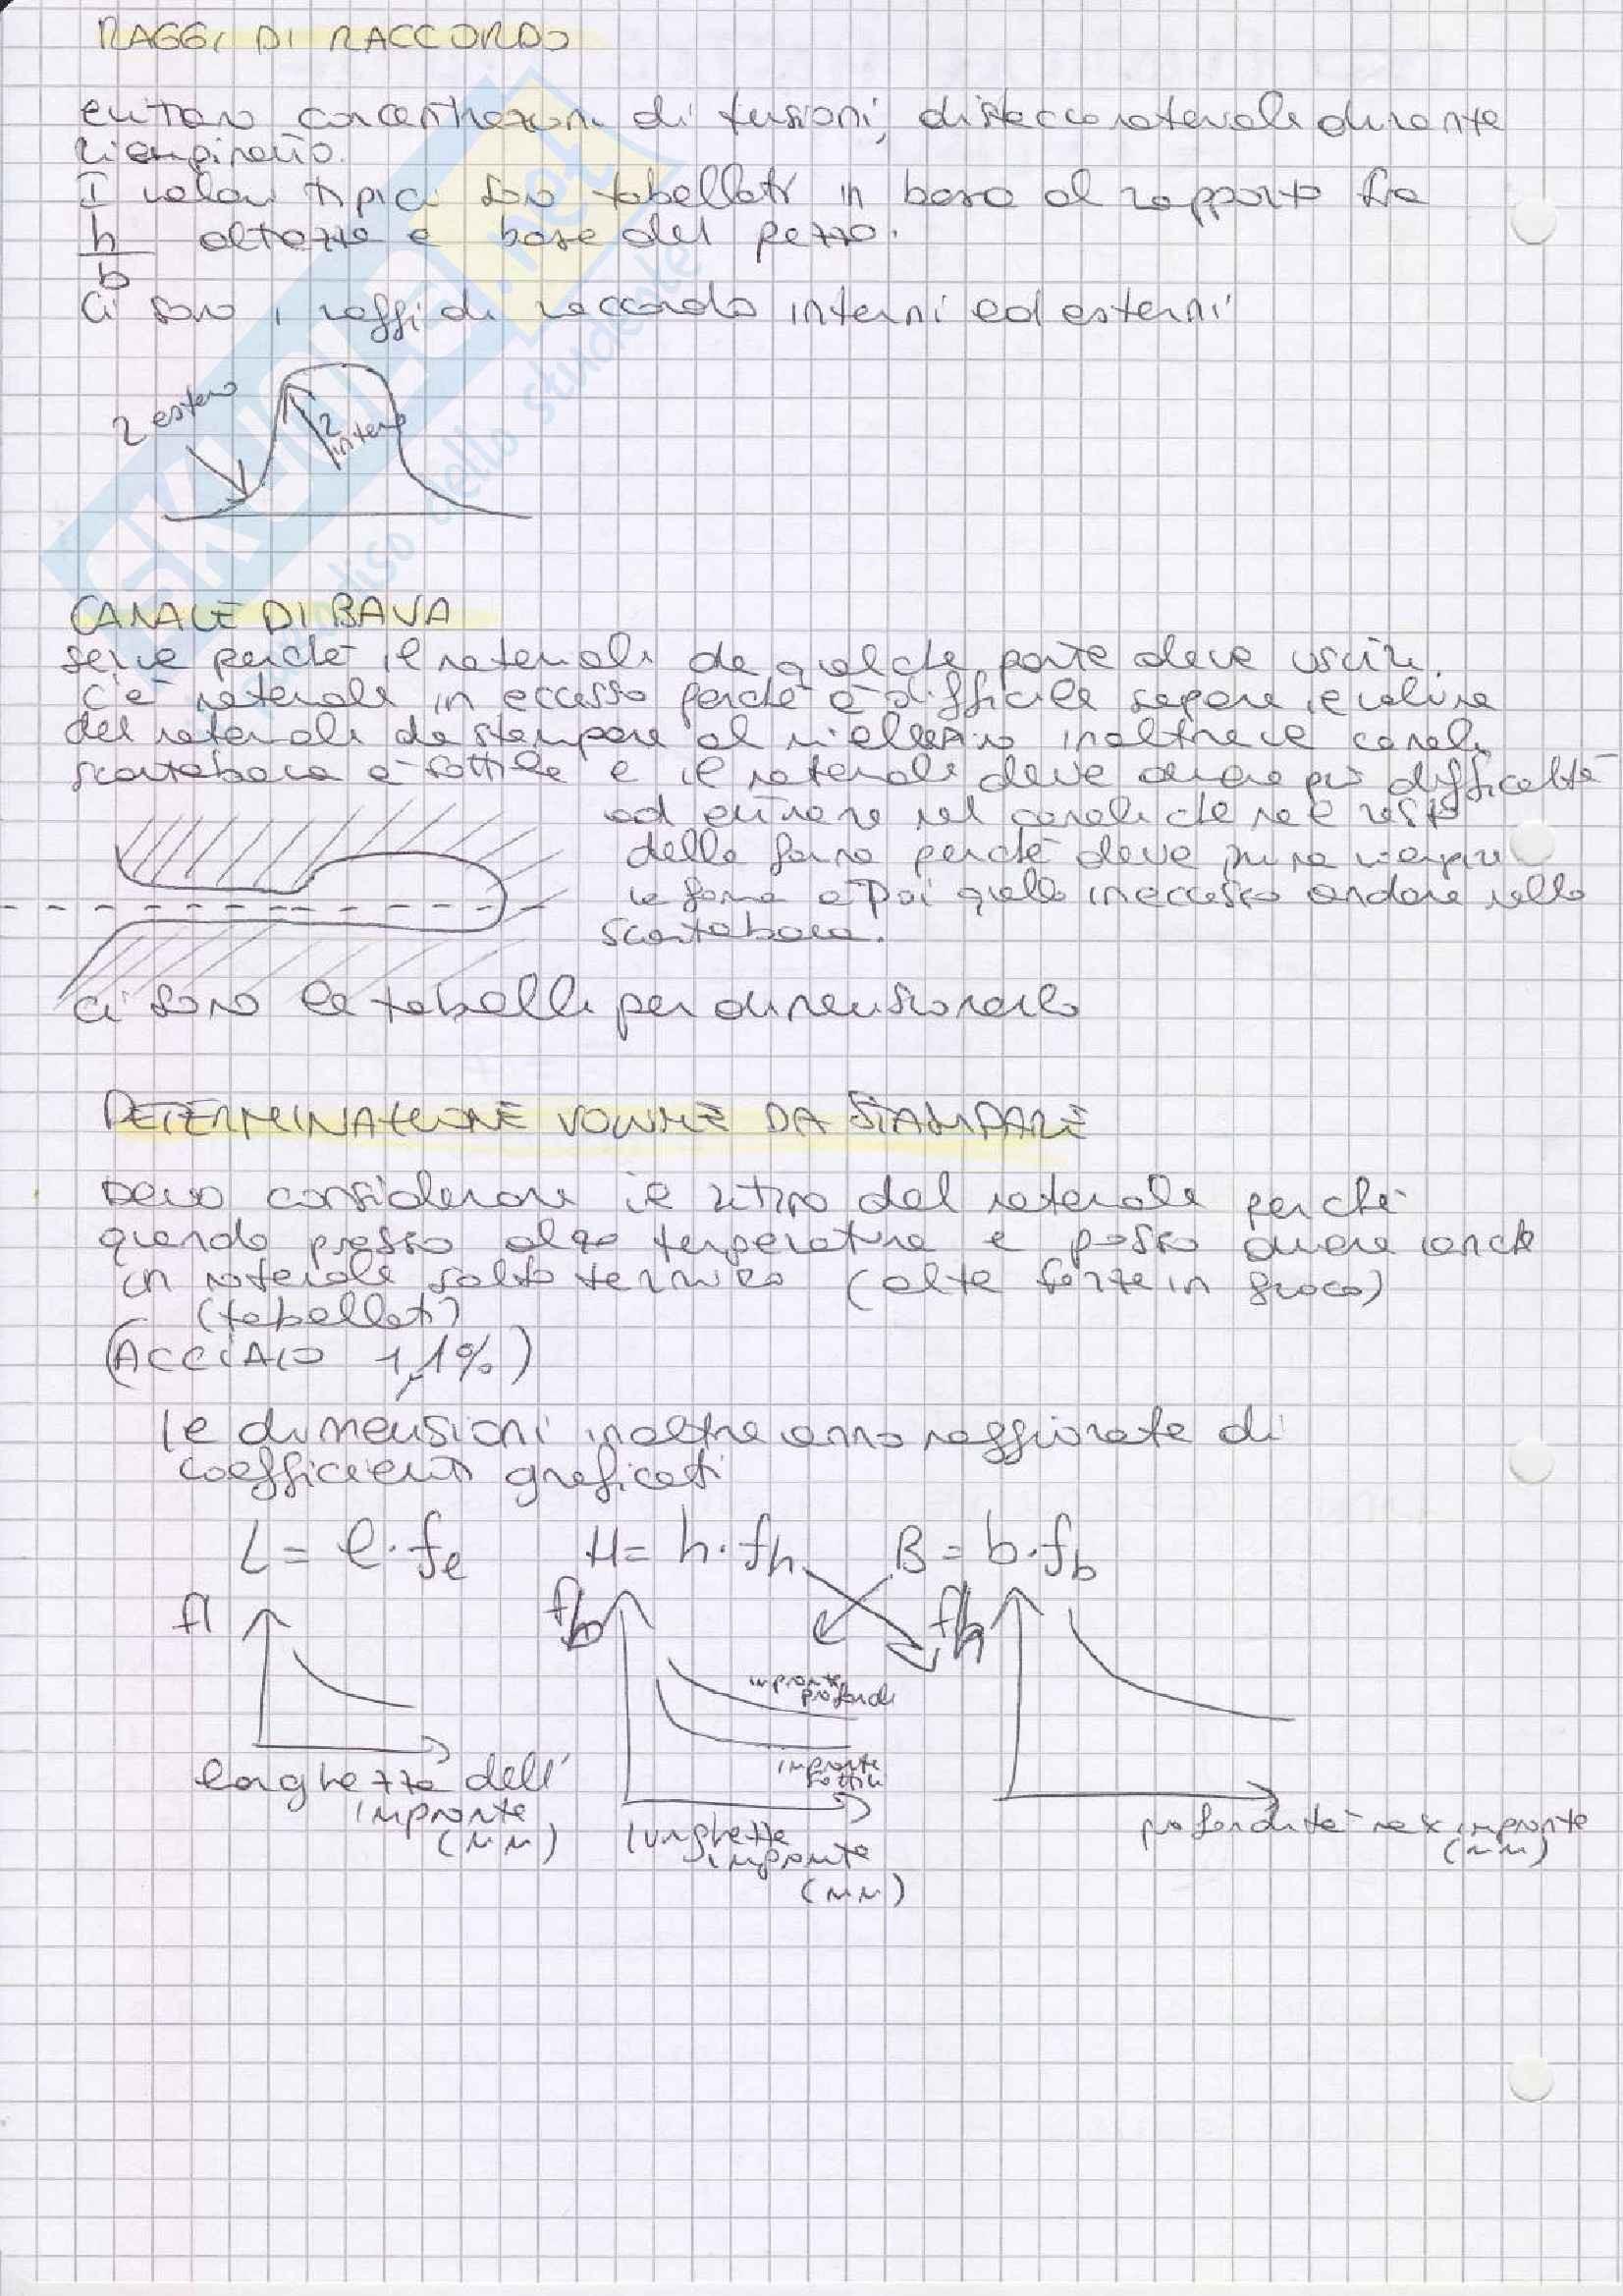 51 Tecnologia meccanica schemi domande ed esercizi esame svolti Pag